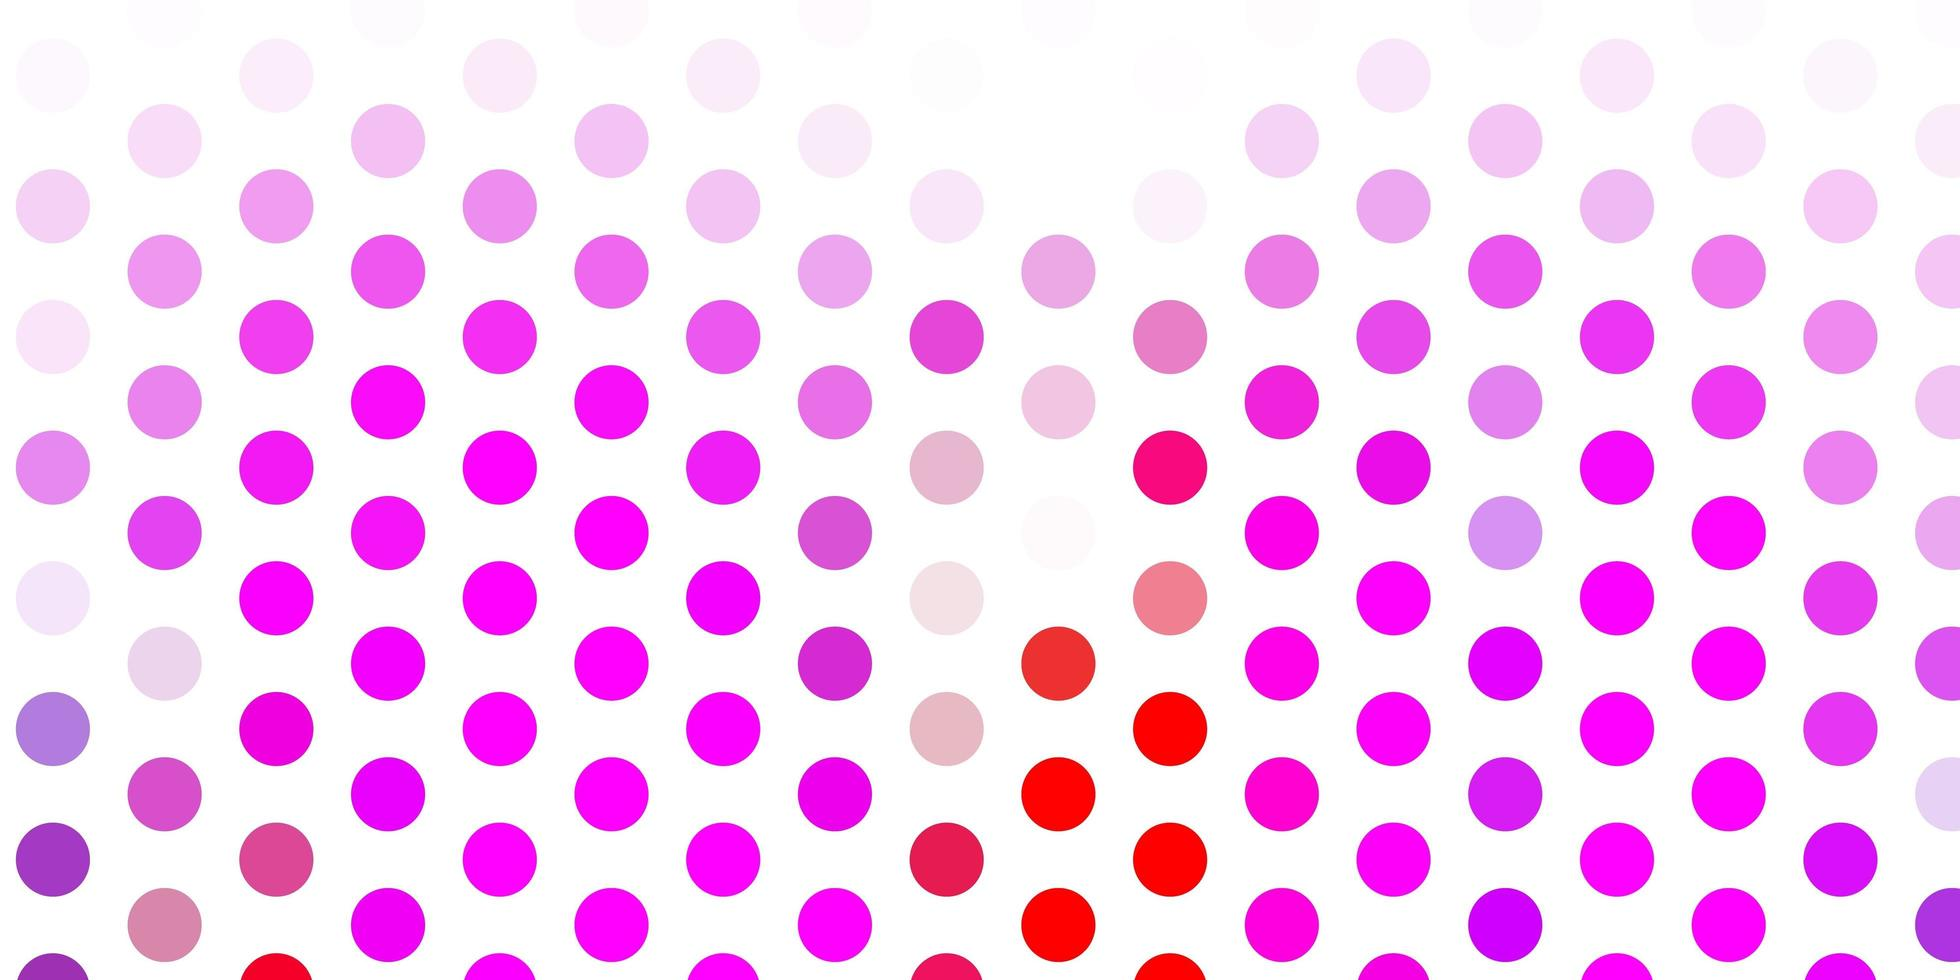 fundo vector rosa claro, vermelho com manchas.